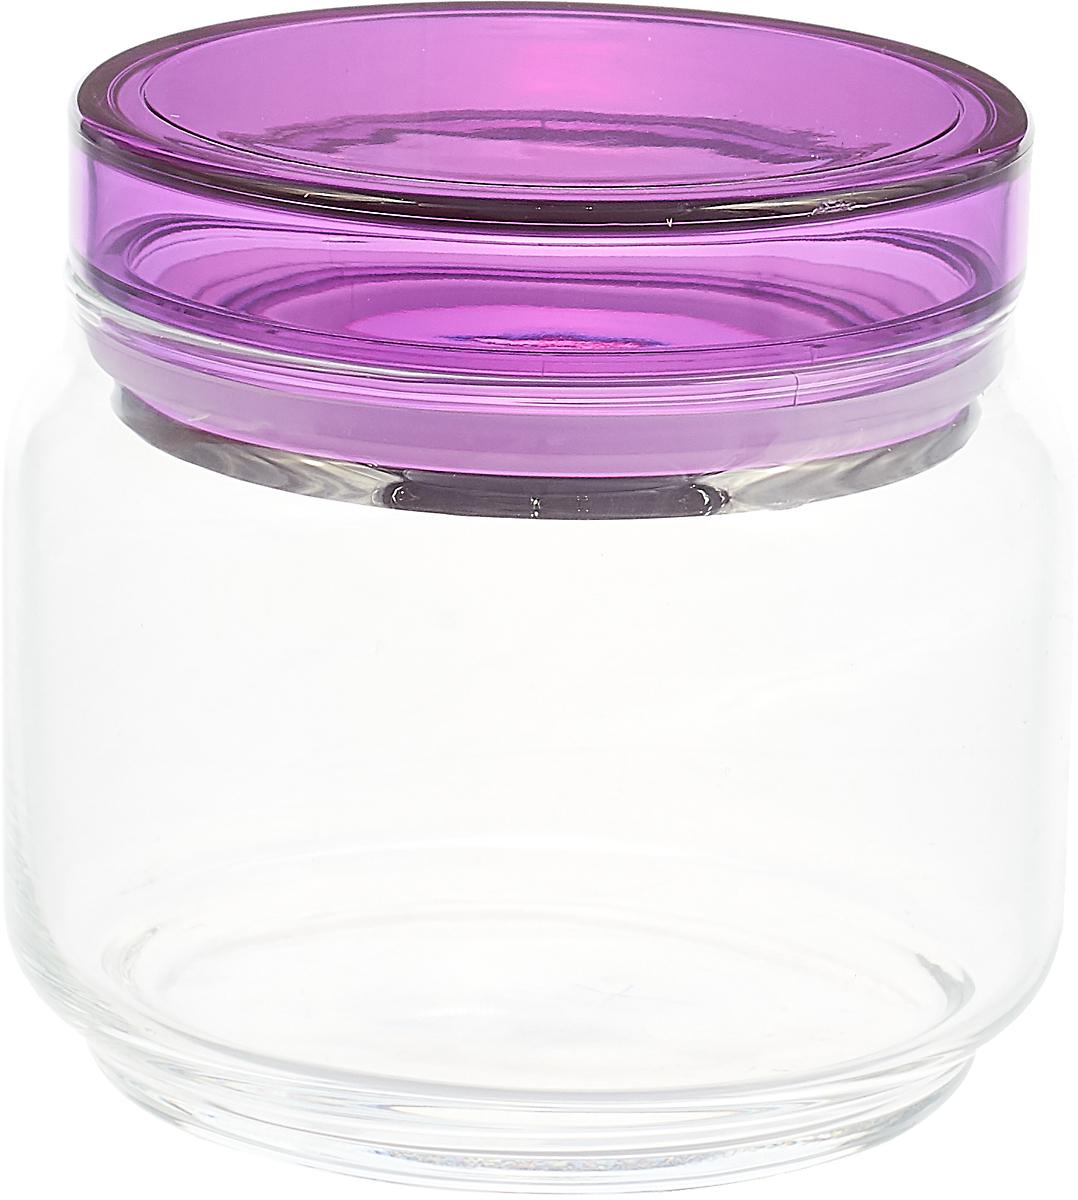 Банка для продуктов Luminarc Колорлишэс, прозрачный, фиолетовый, 500 мл банка для сыпучих продуктов luminarc boxmania 500 мл